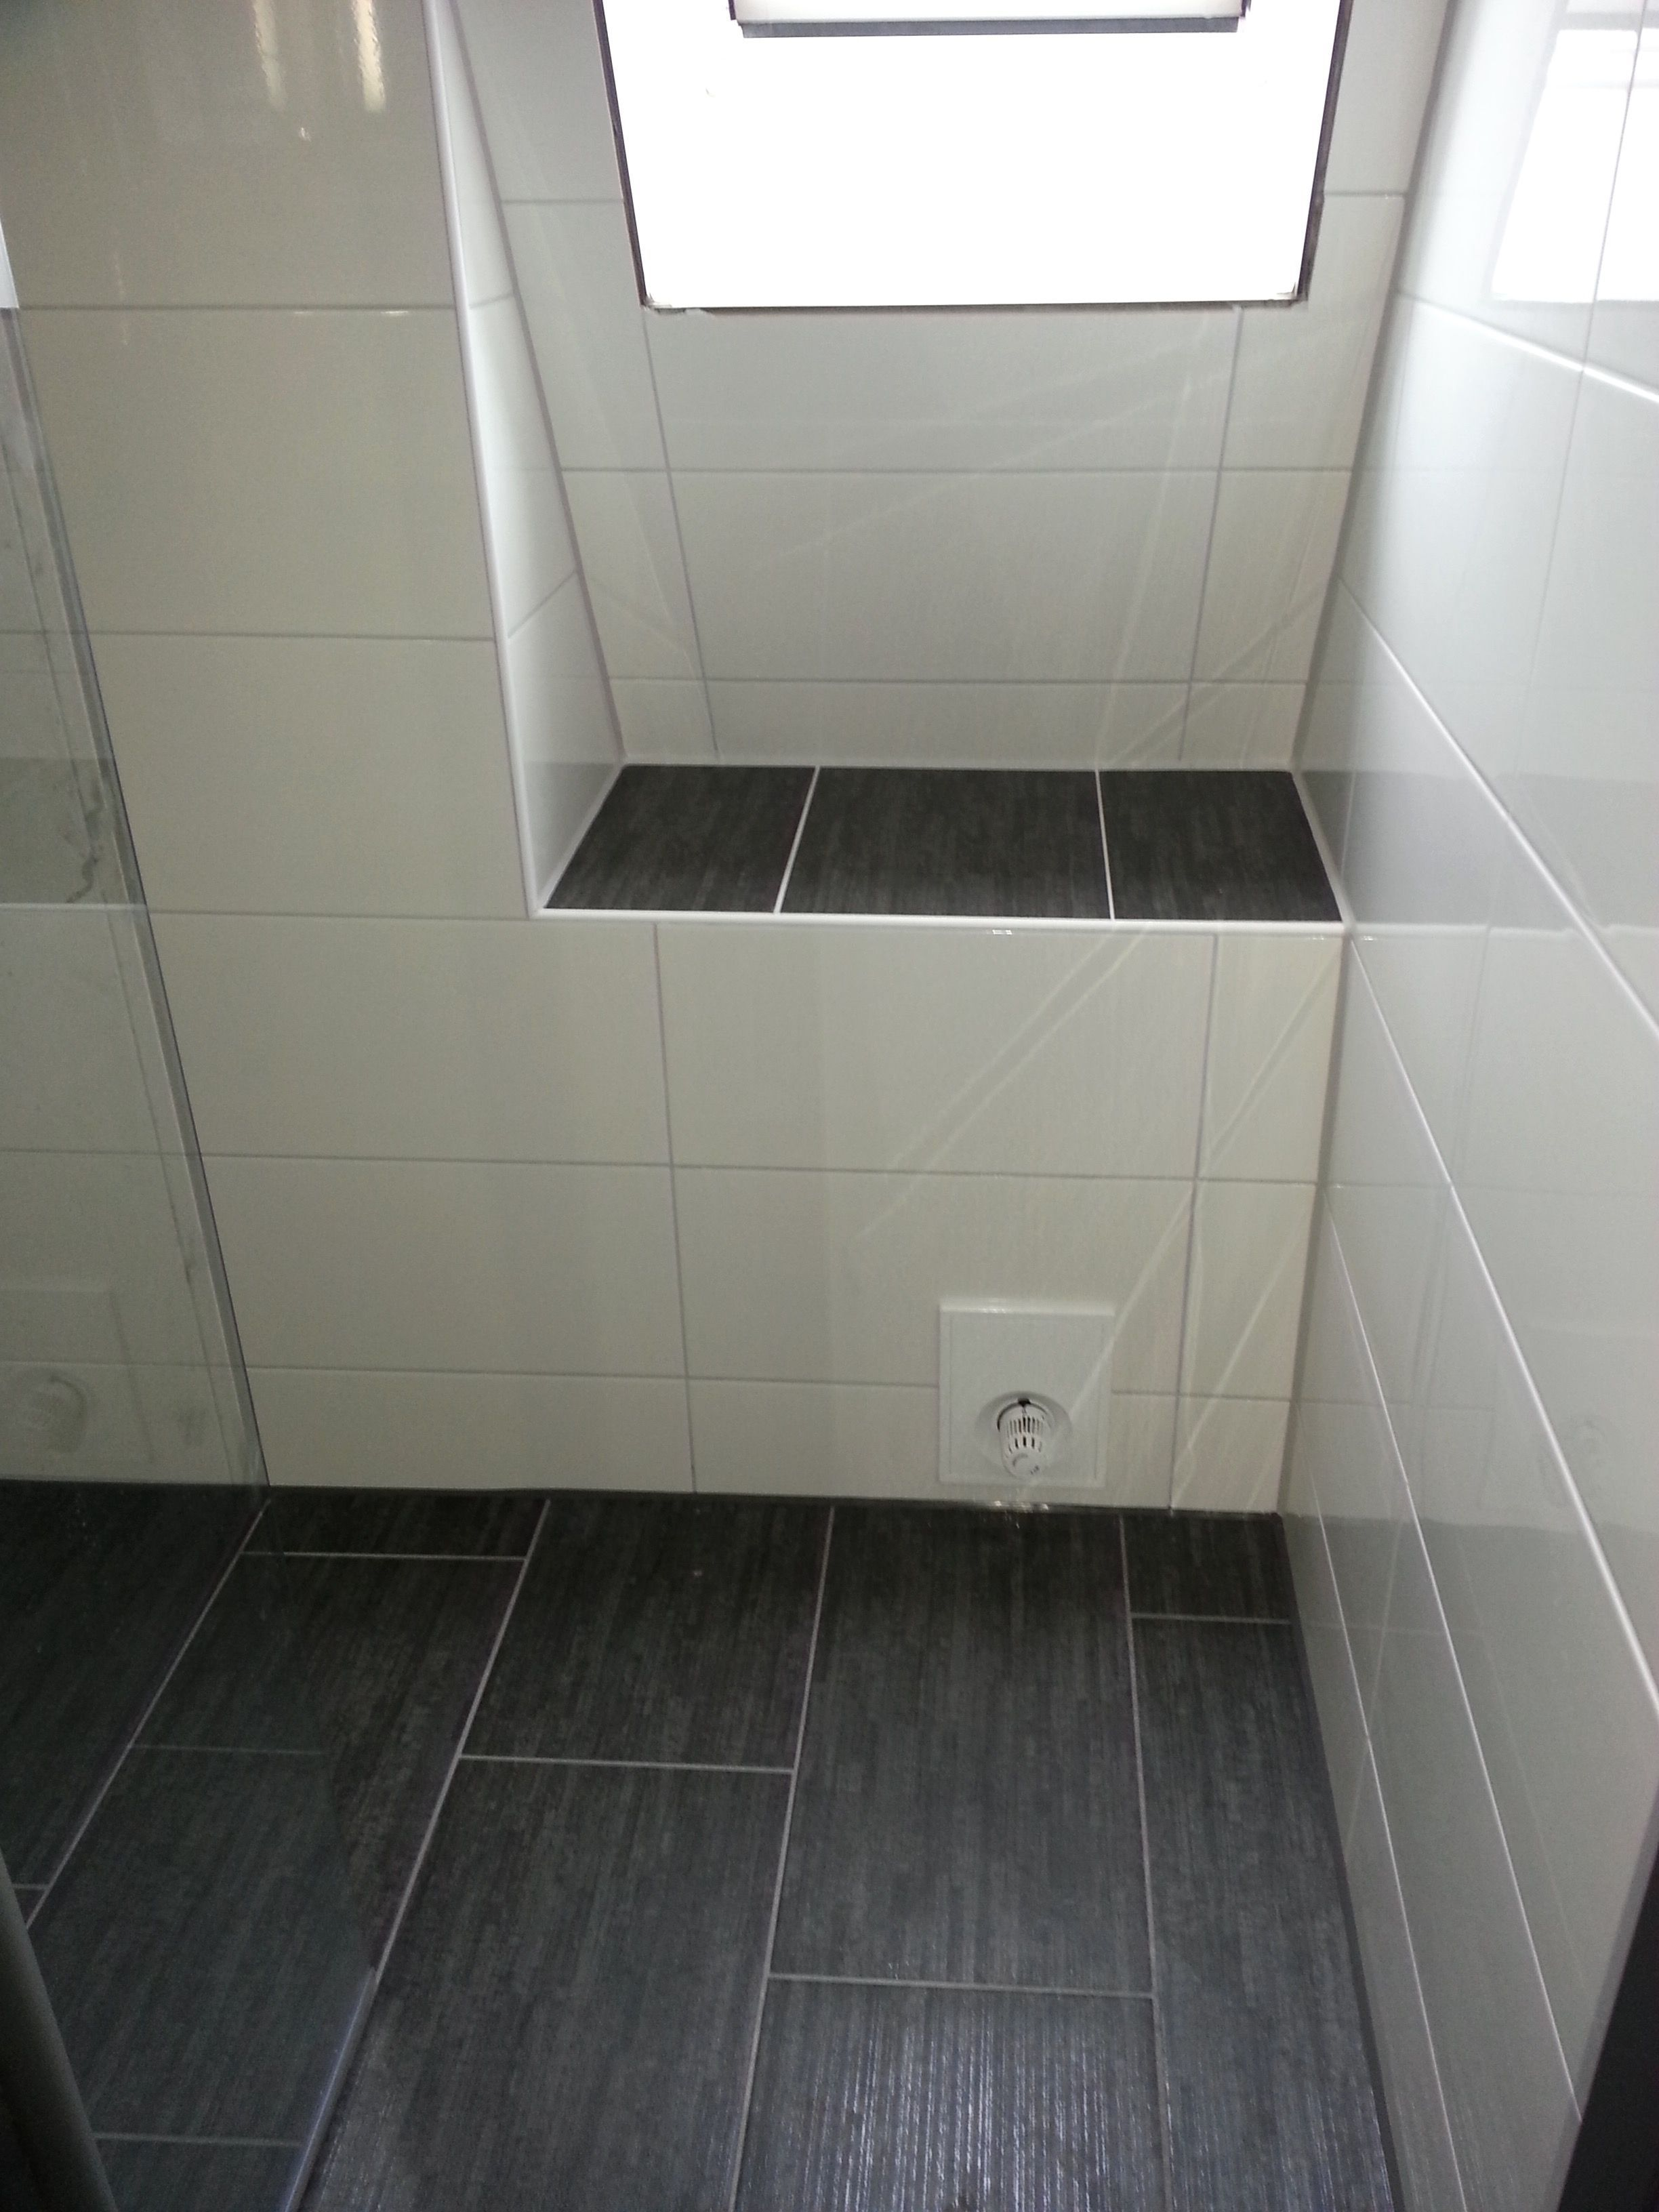 Badezimmer Fliesen Grau Und Anthrazit Mrajhiawqaf Com Fliese In 2020 White Tiles Bathroom Tiles